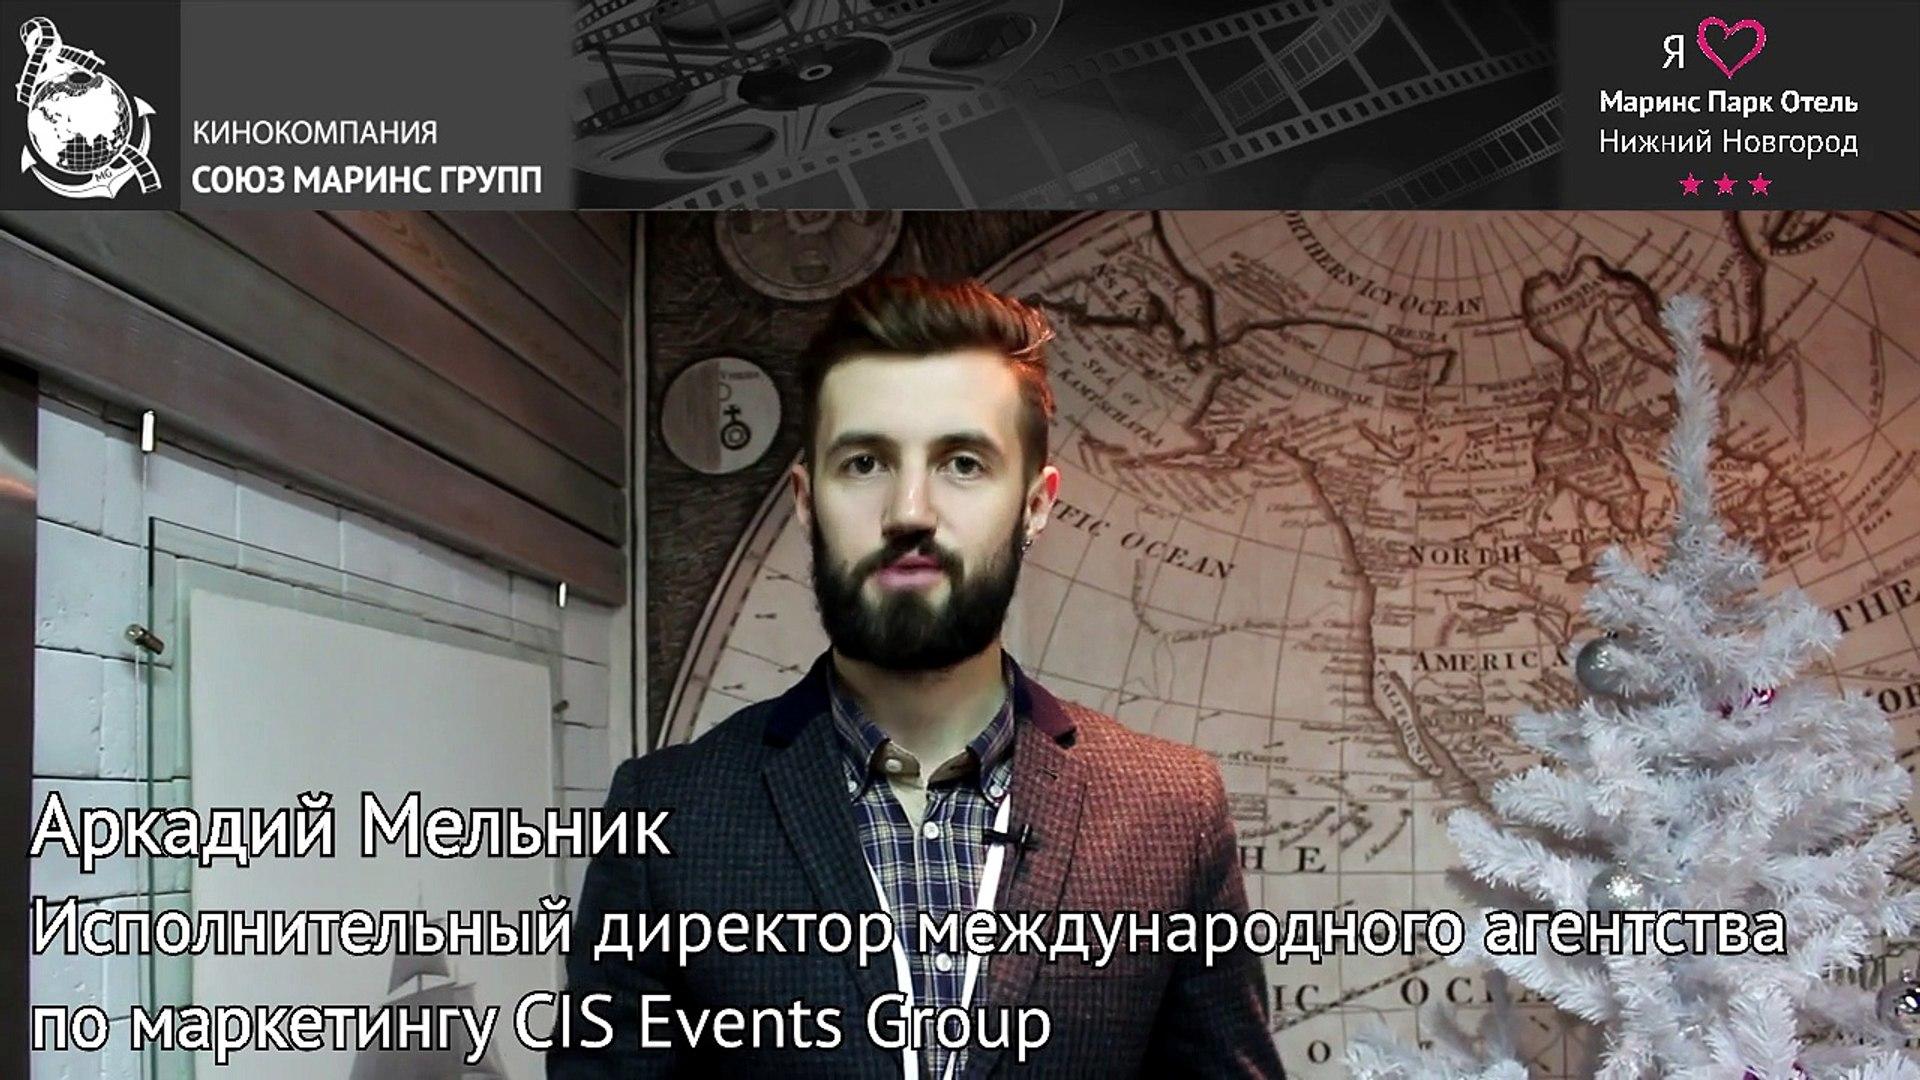 Исполнительный директор «CIS Events Group» о конференц-услугах в «Маринс Парк Отель Нижний Новгород»